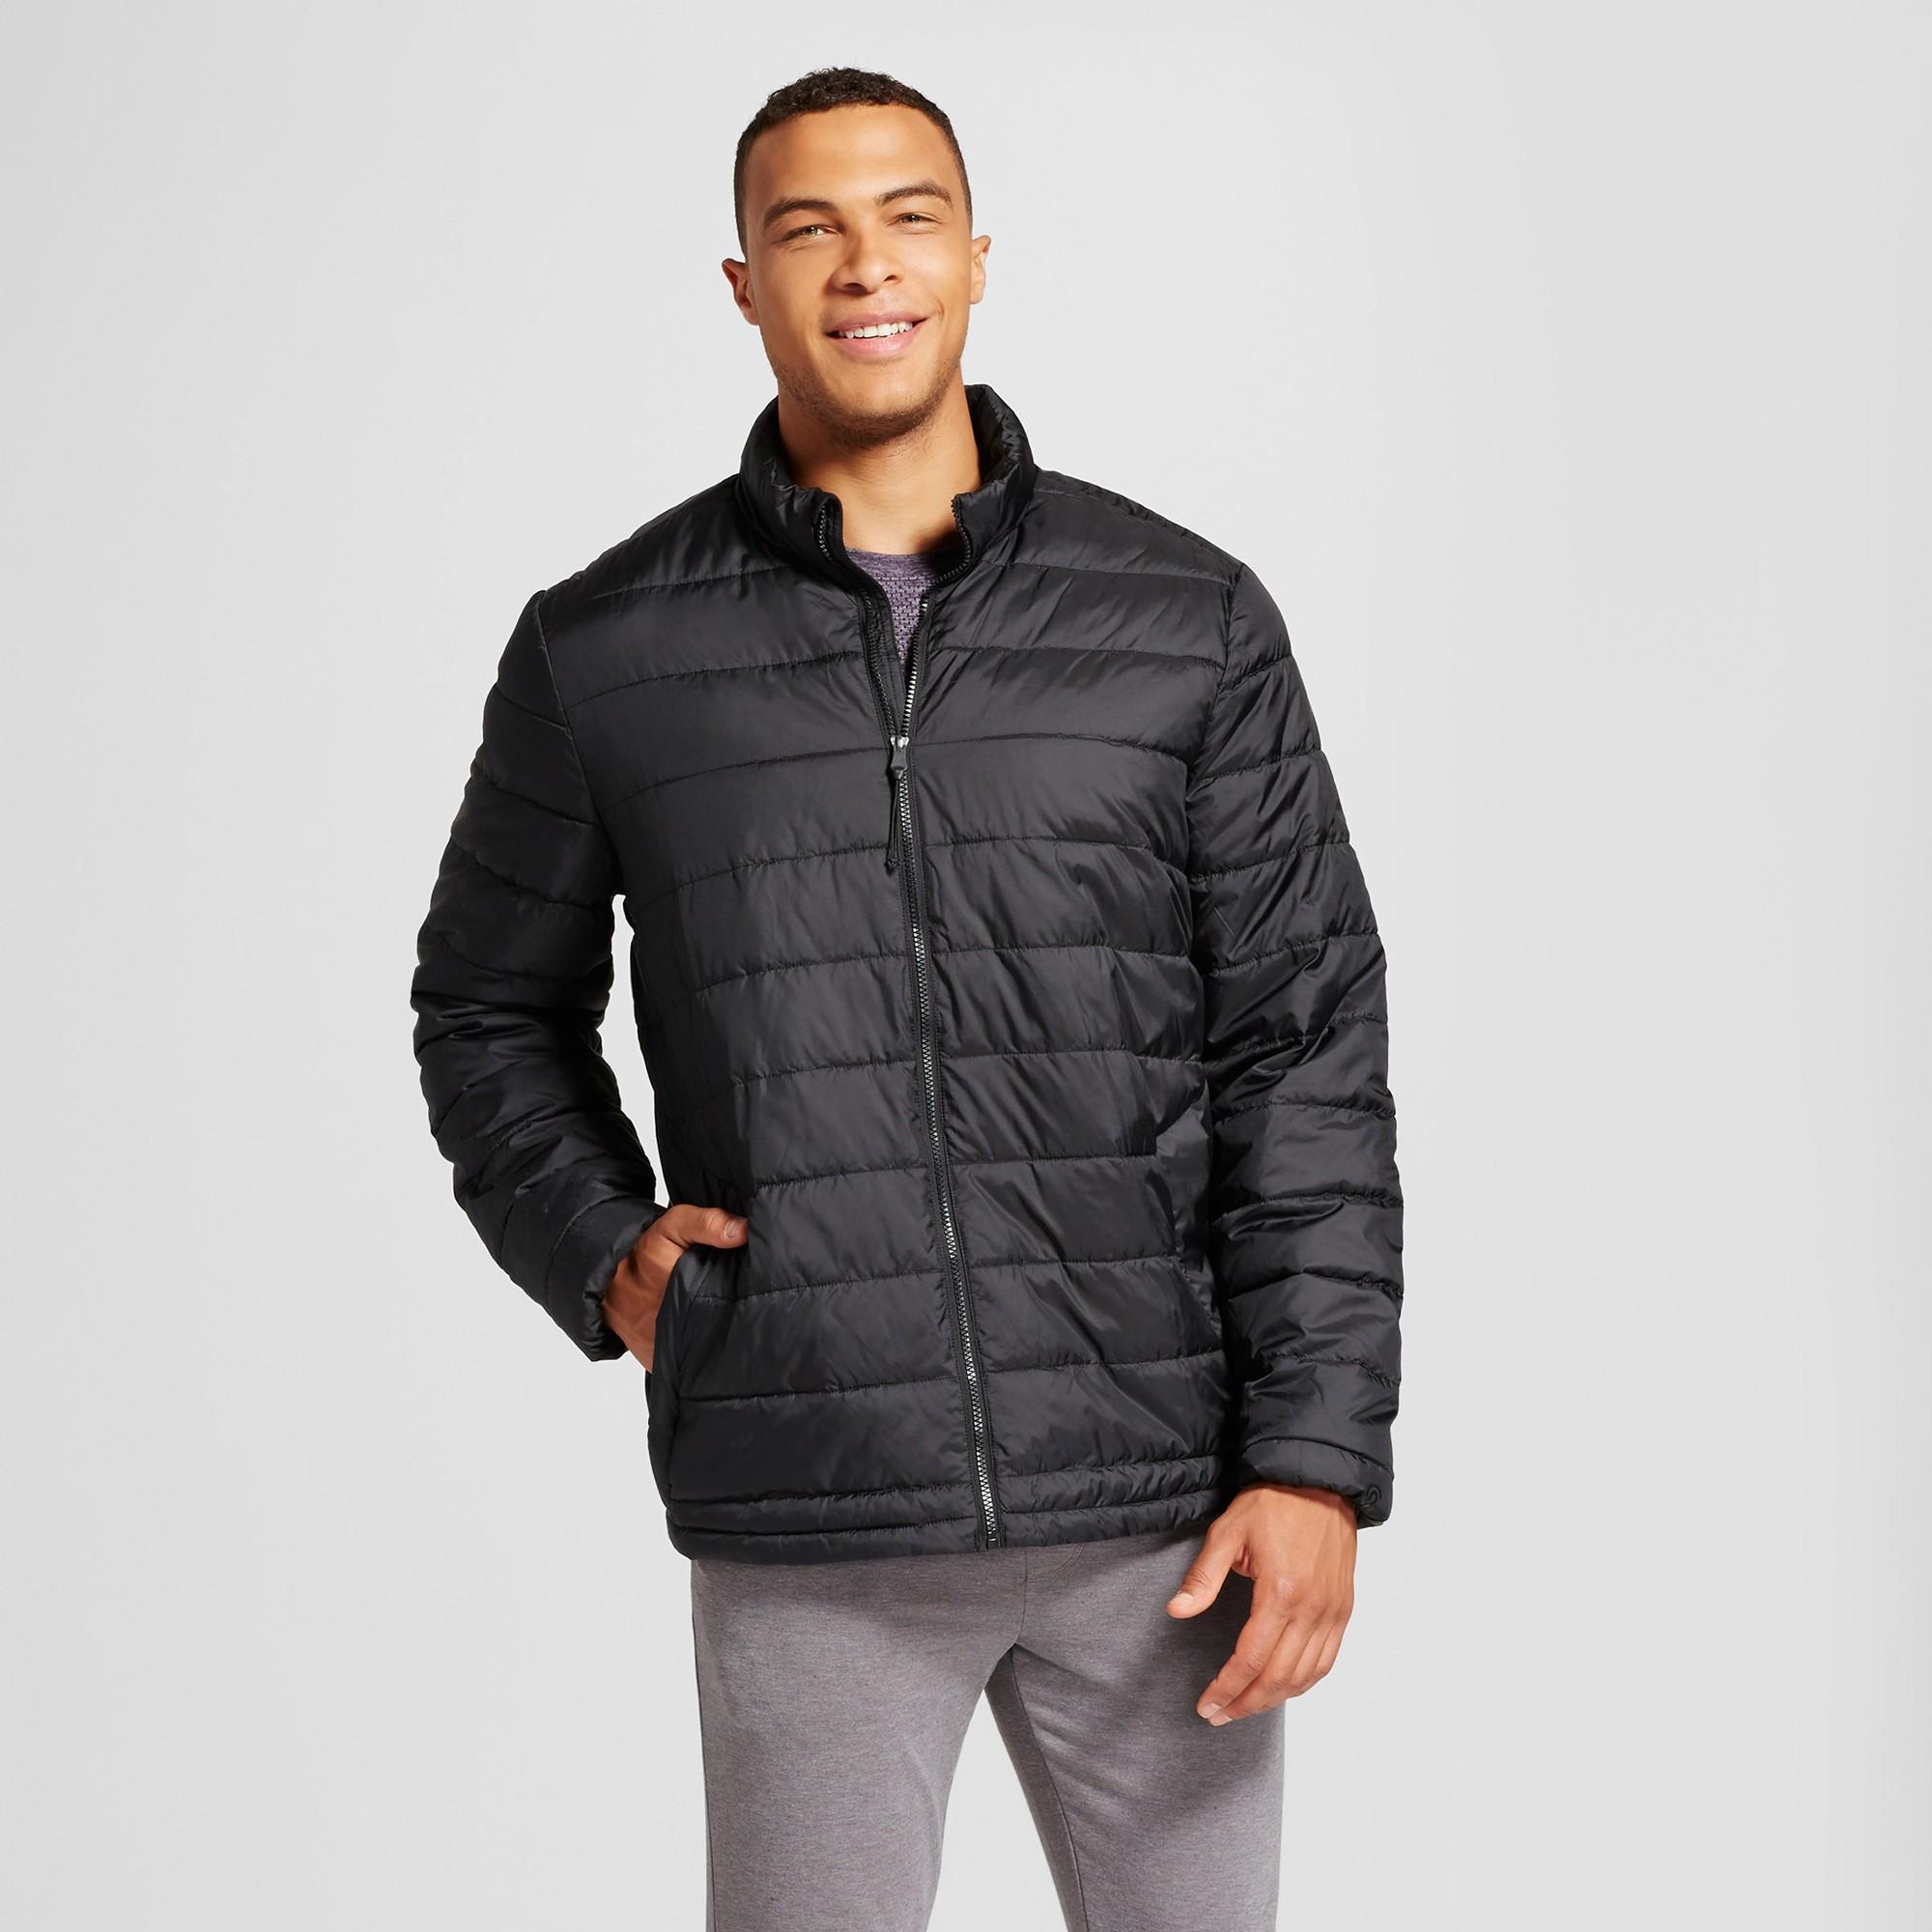 Men S Big Tall Lightweight Puffer Jacket C9 Champion Black 4xb Mens Big And Tall Puffer Jackets Jackets [ 2000 x 2000 Pixel ]